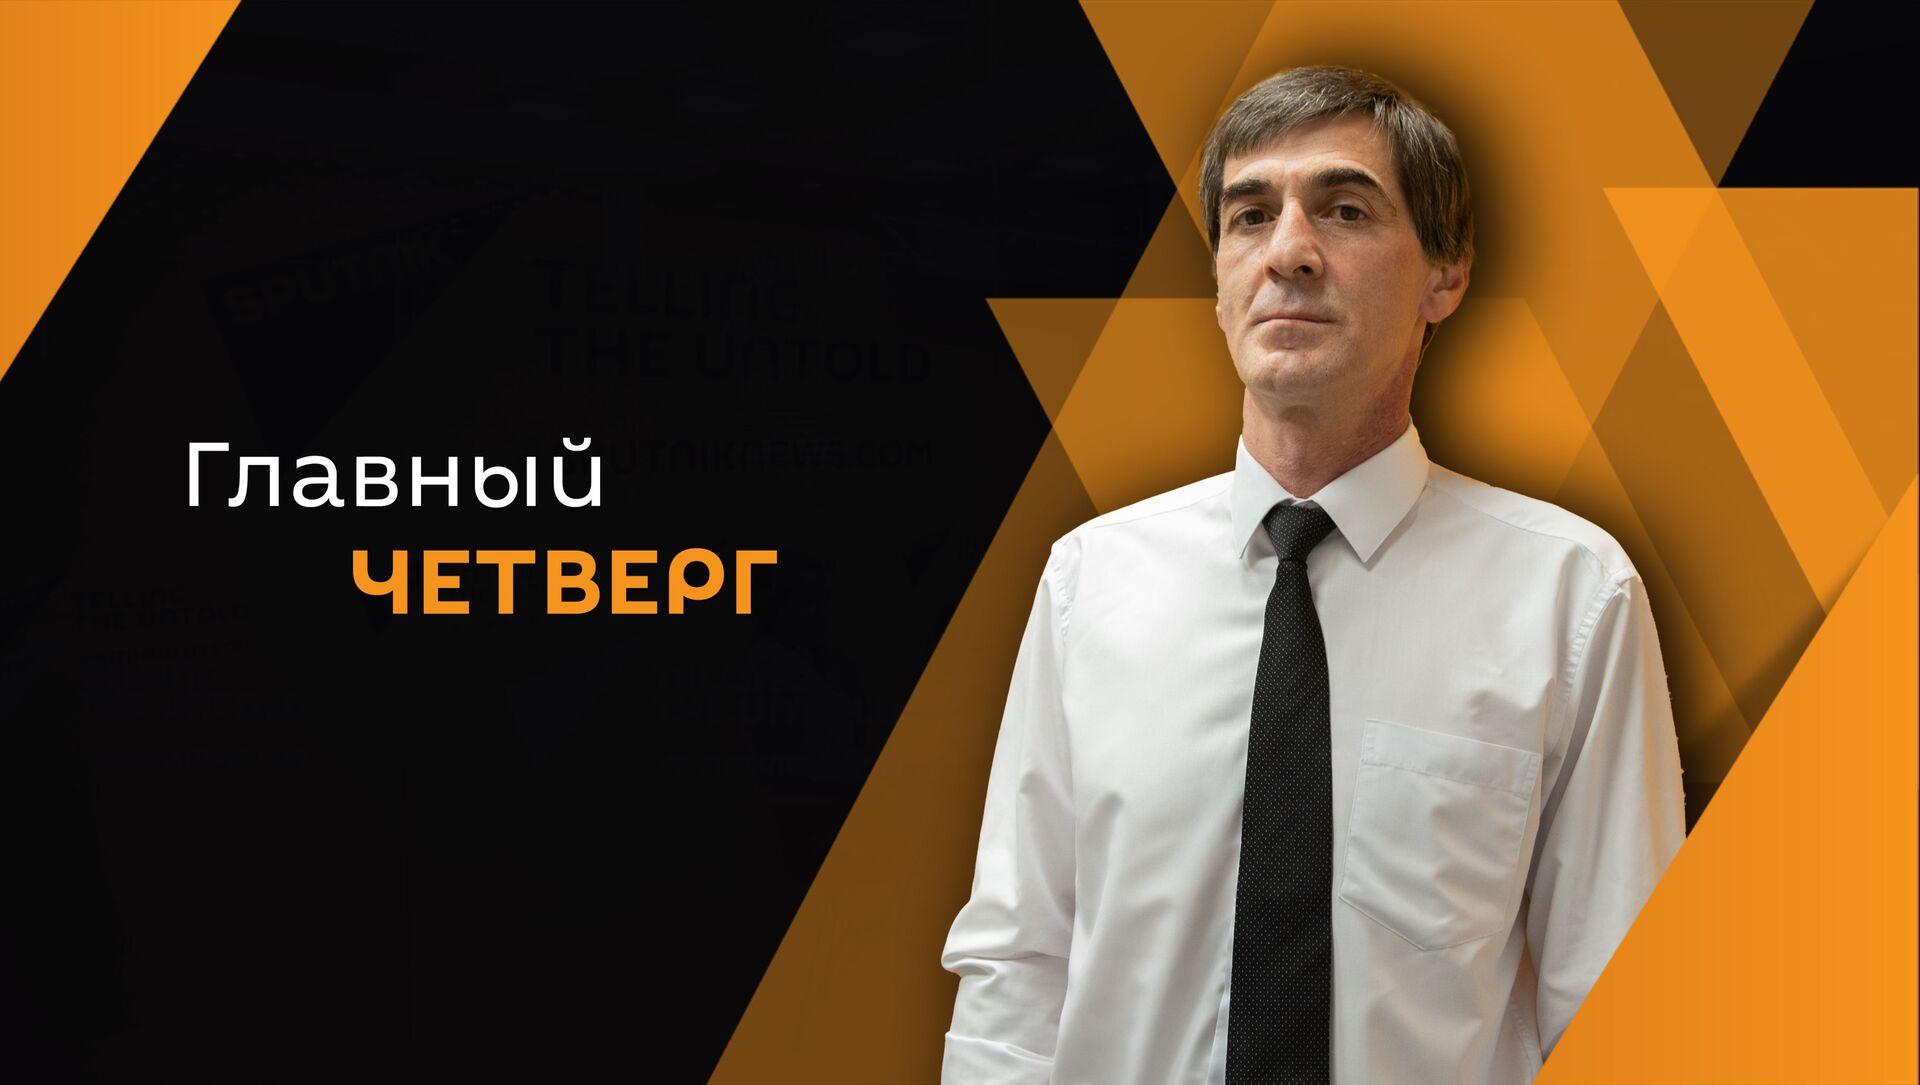 Константин Пилия - Sputnik Абхазия, 1920, 20.08.2021